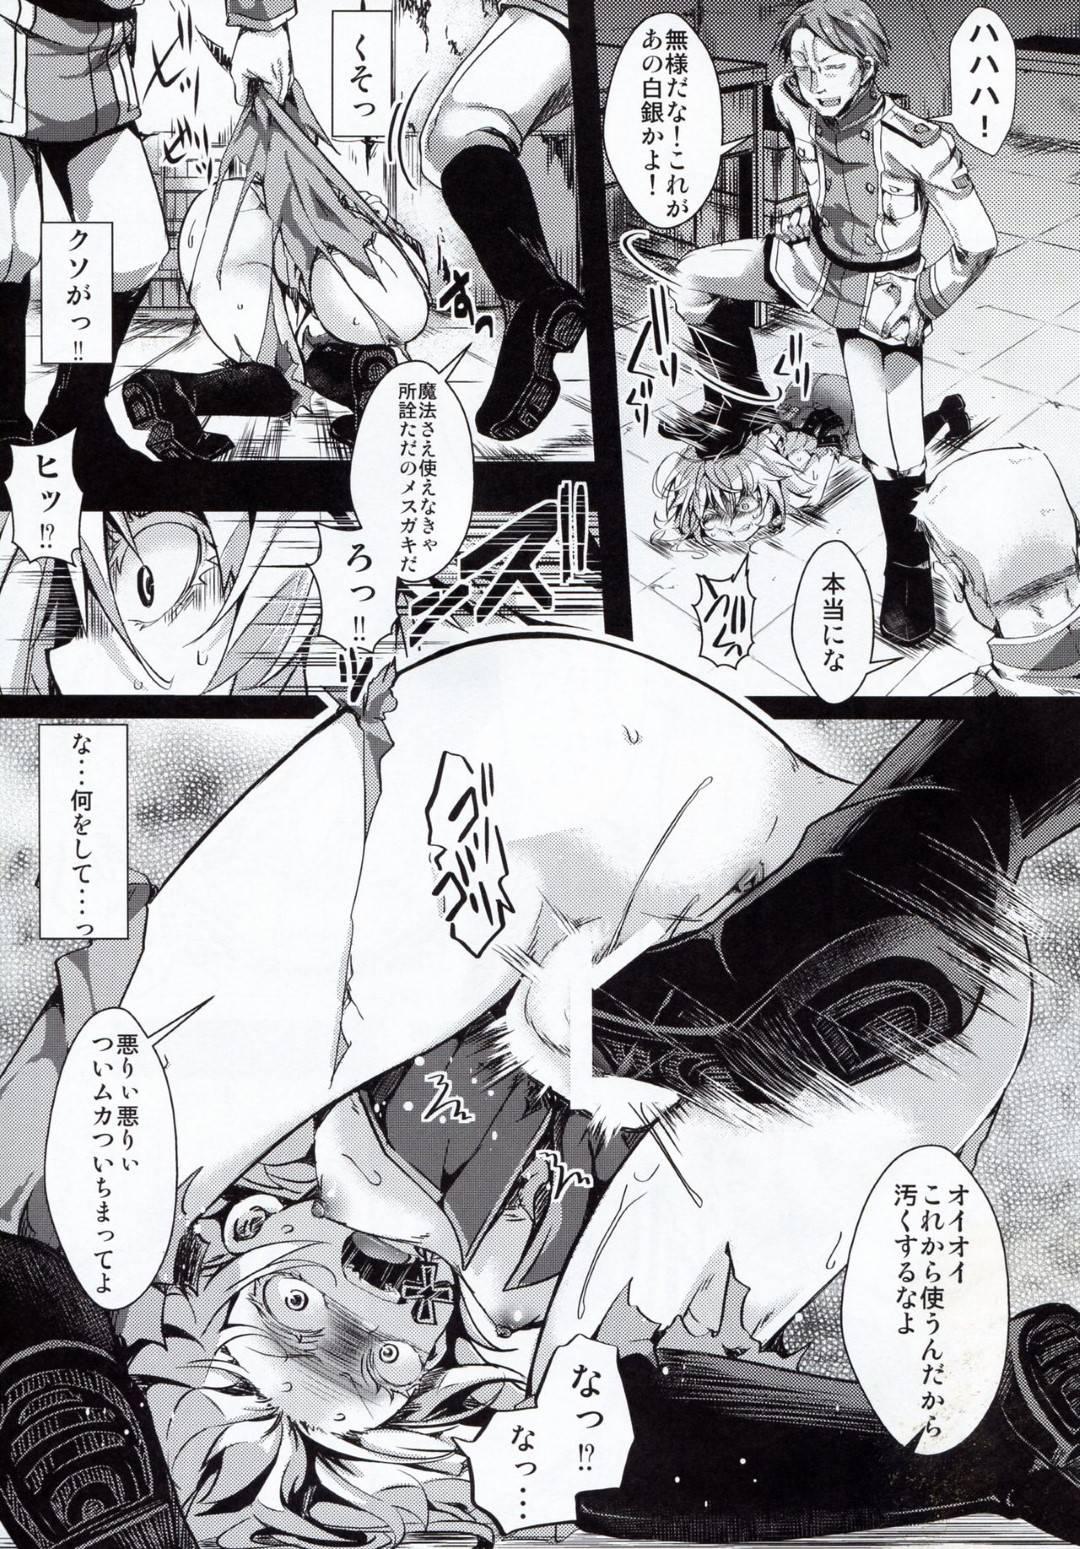 【エロ漫画】敵国に捕虜にされてしまったターニャ。腕を拘束されたまま服を脱がされ、ボコボコに殴られる!そして膣を蹴られて処女膜を破られ、そのままロリまんこに生挿入され立ちバックで強姦されてしまう!